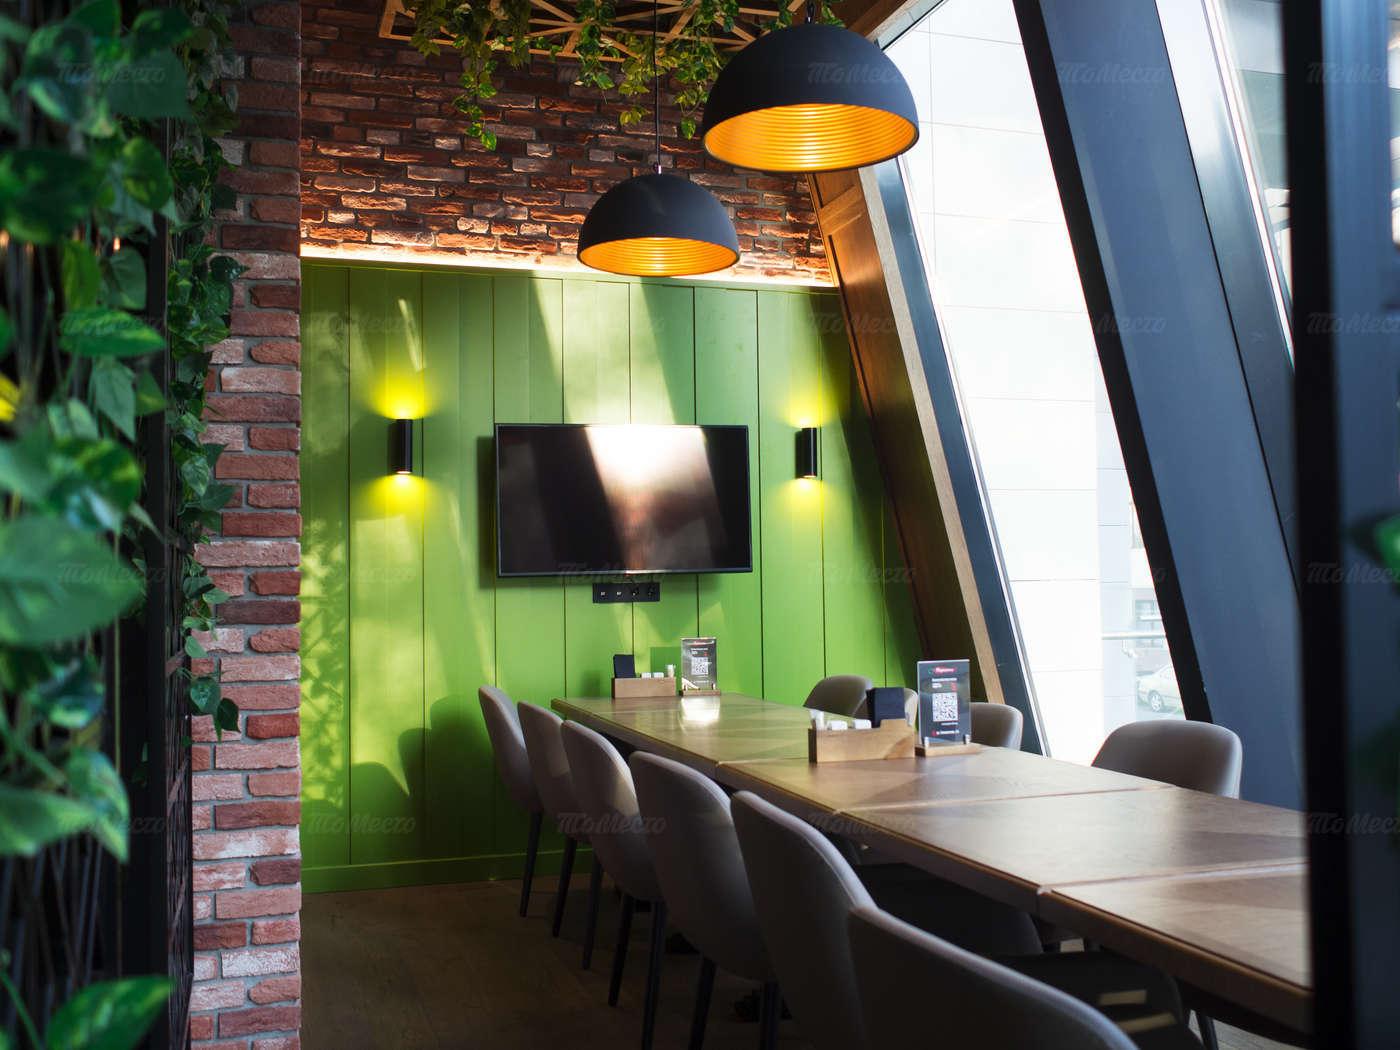 Ресторан Пеперони (Peperoni) на Смоленской фото 5